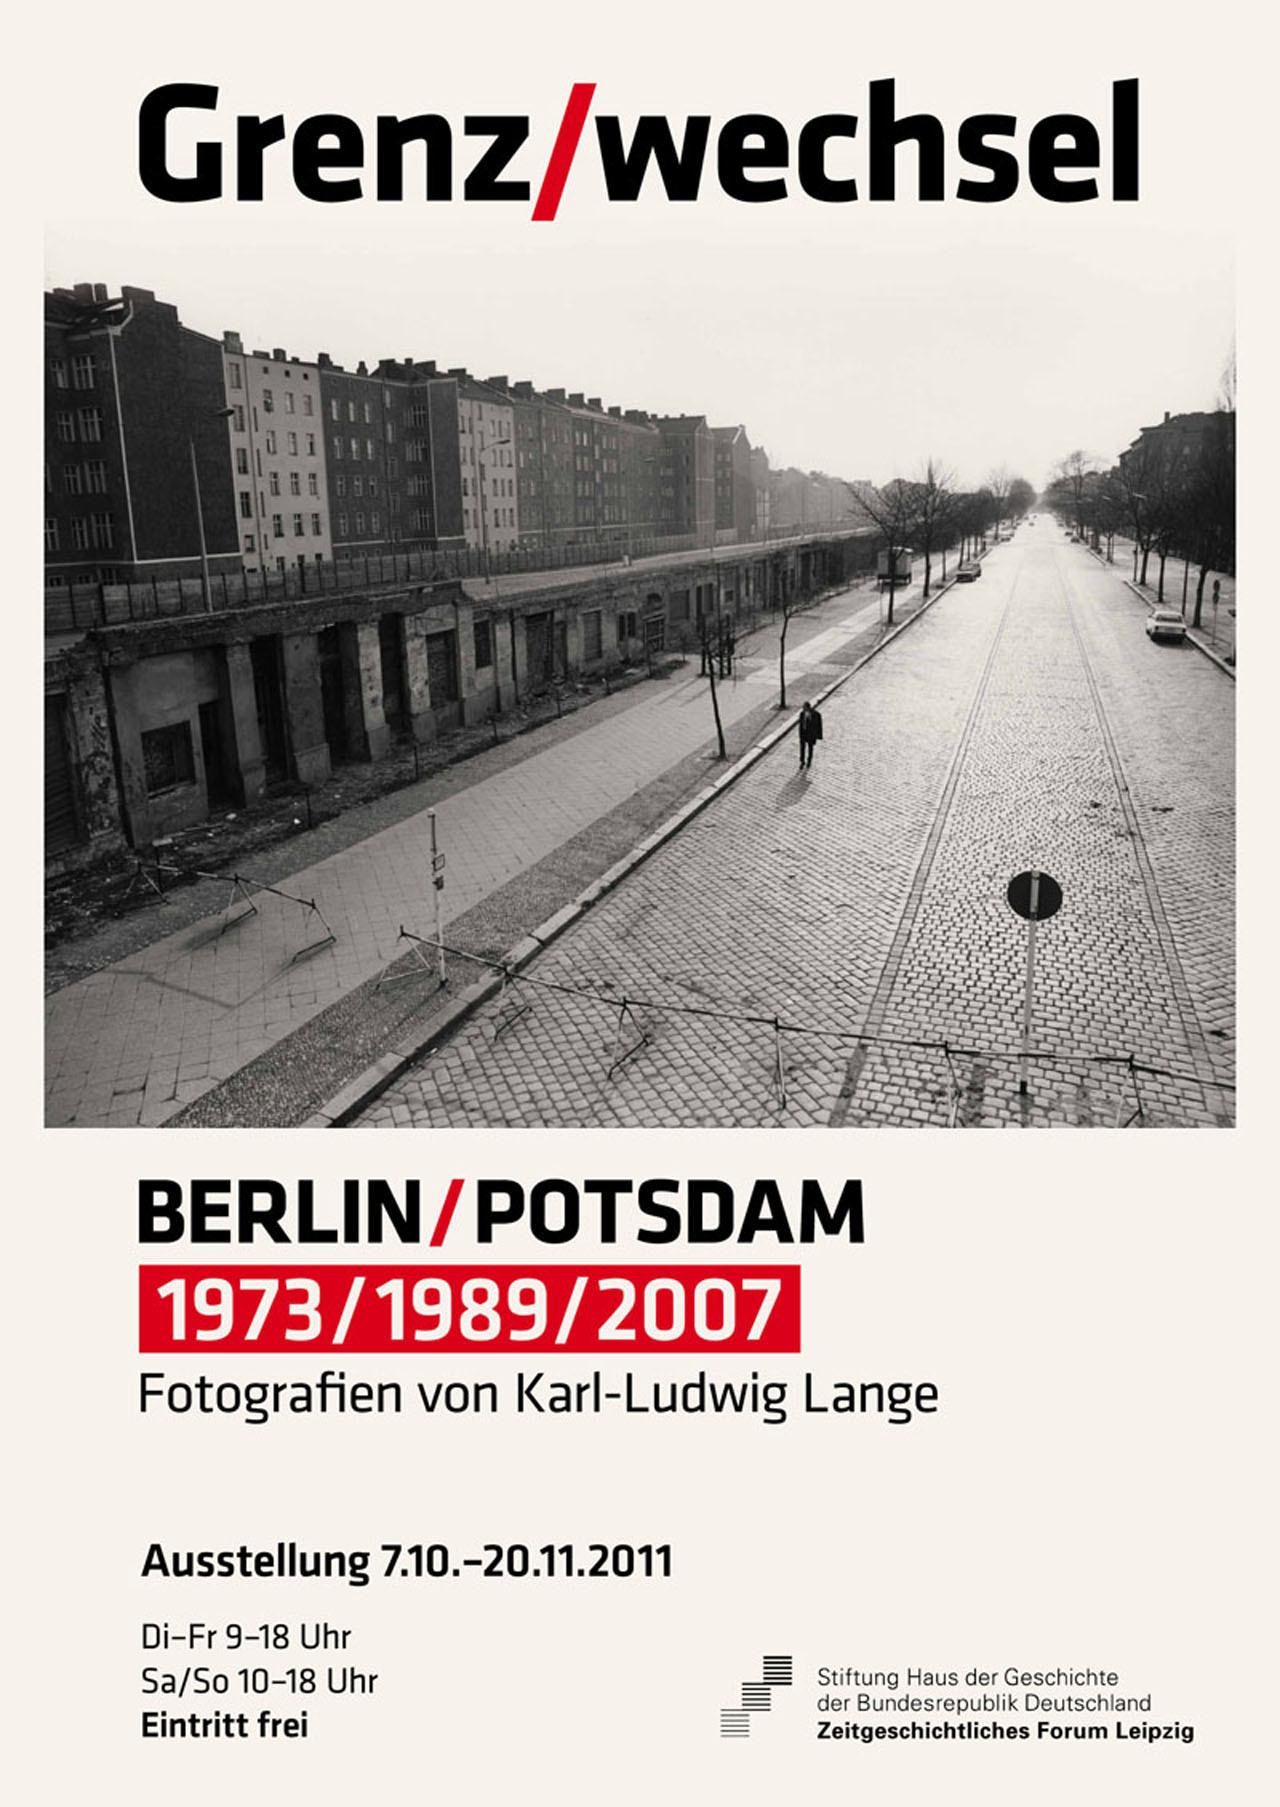 Ausstellungsplakat Grenz/wechsel. Berlin/Potsdam. 1973/1989/2007